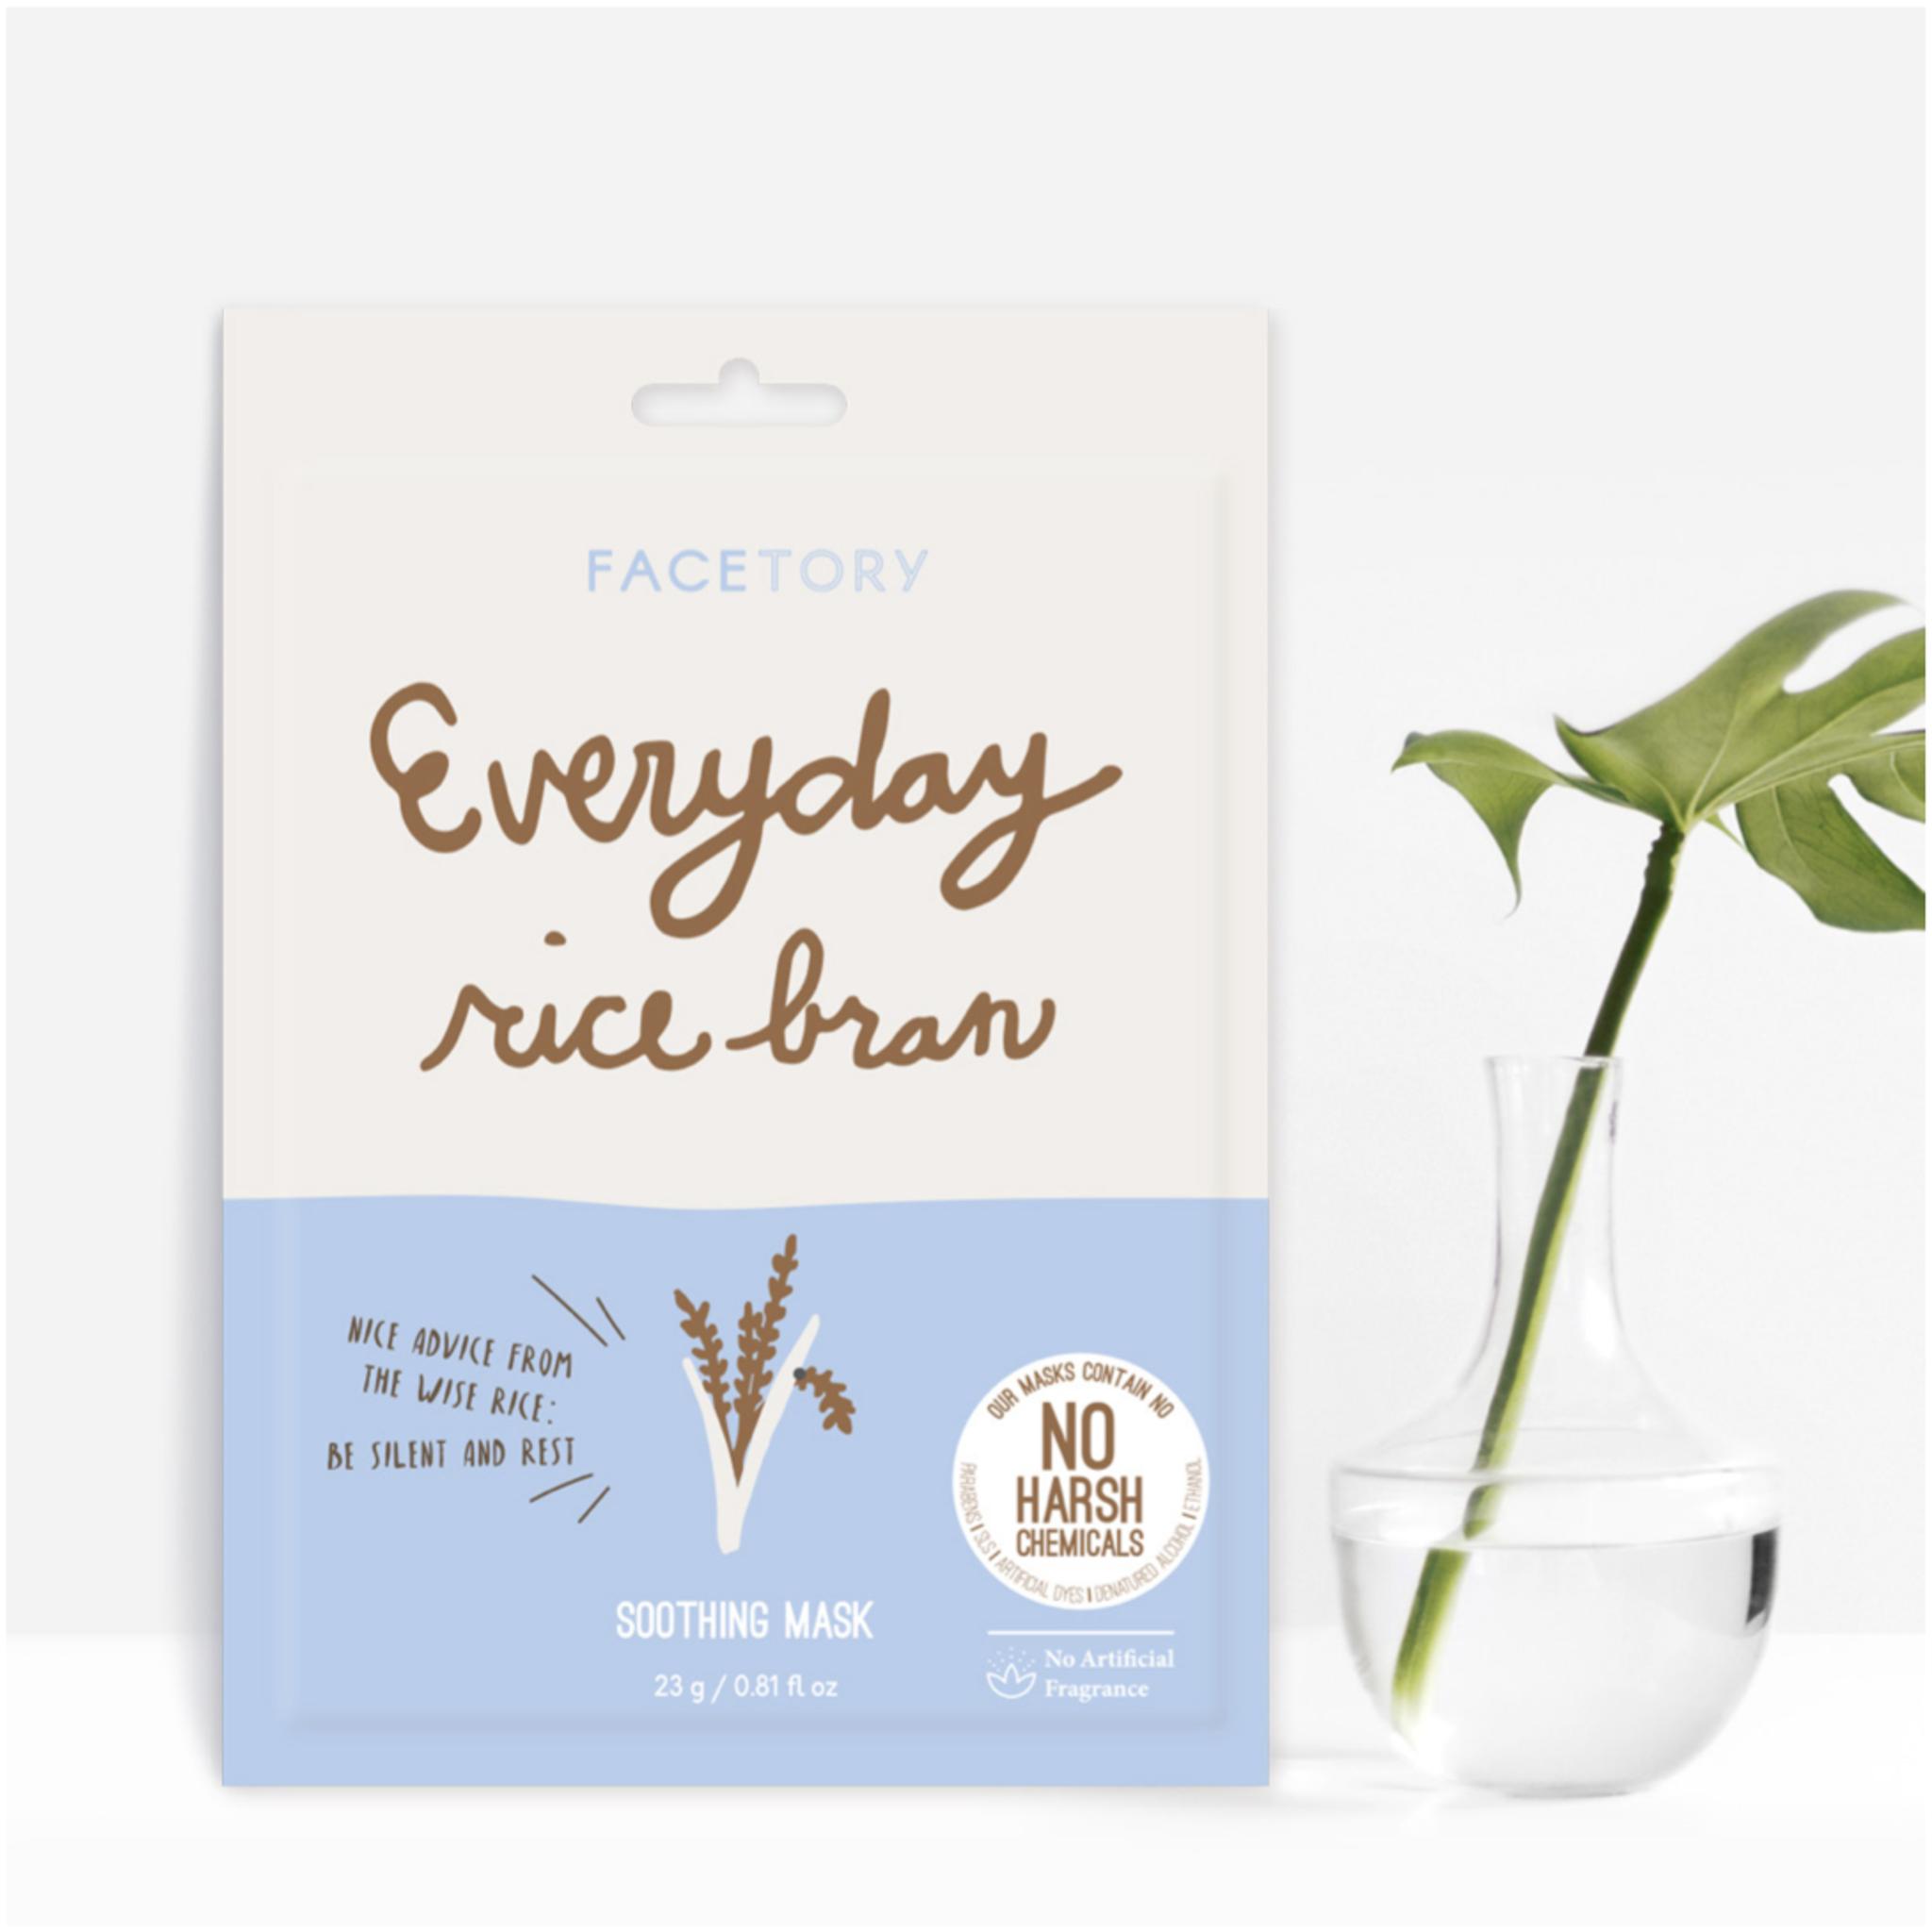 Rice Bran Facetory Sheet Masks